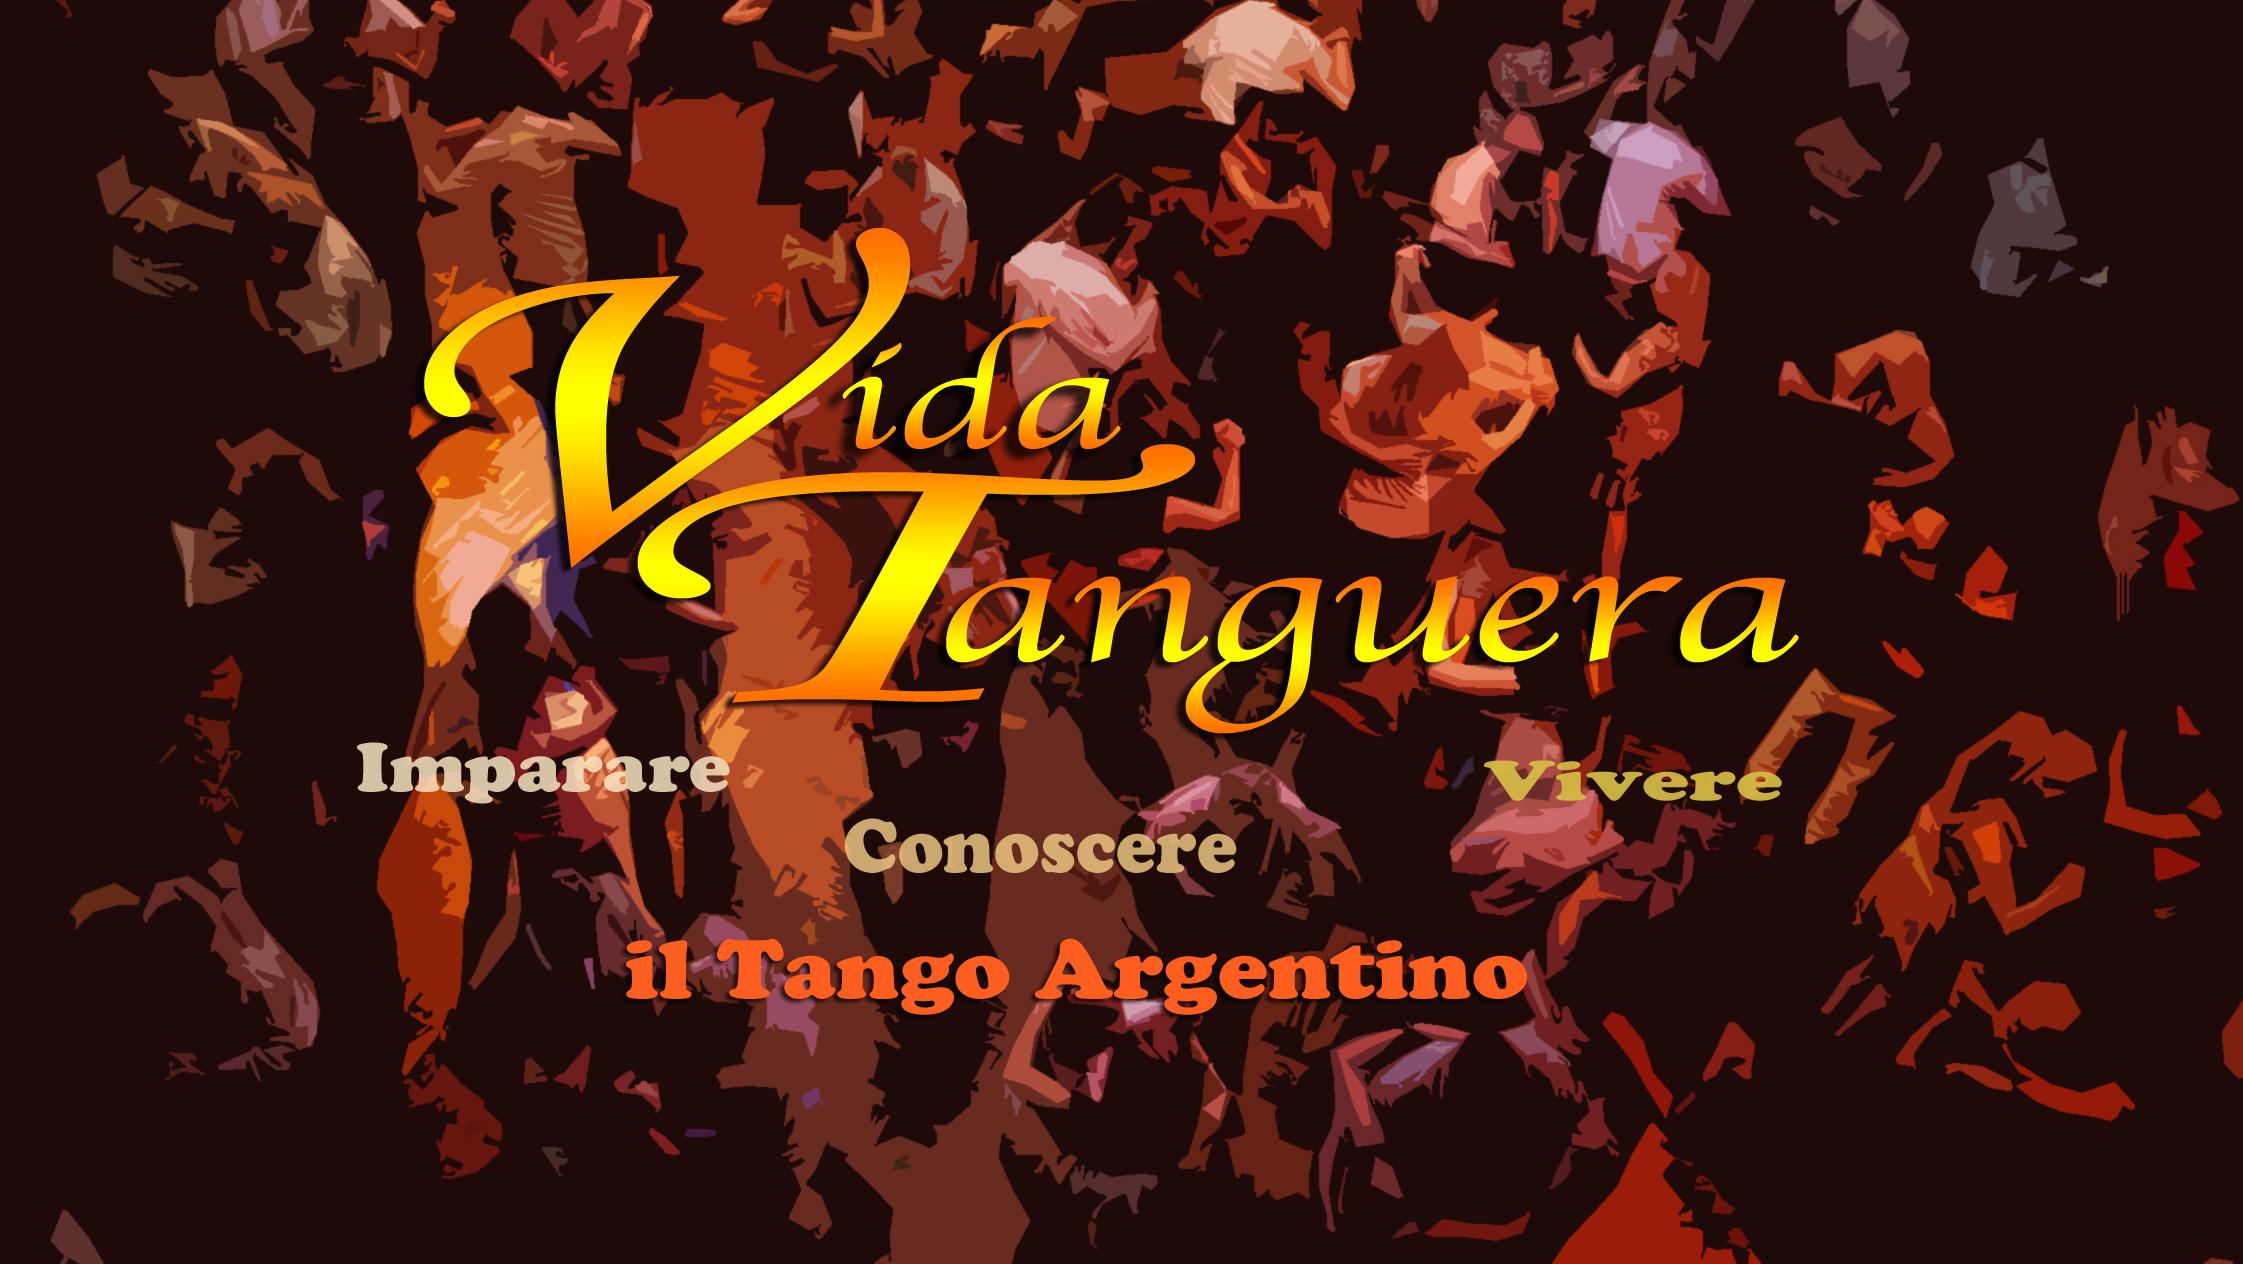 Vida Tanguera - Imparare, Conoscere, Vivere il Tango Argentino